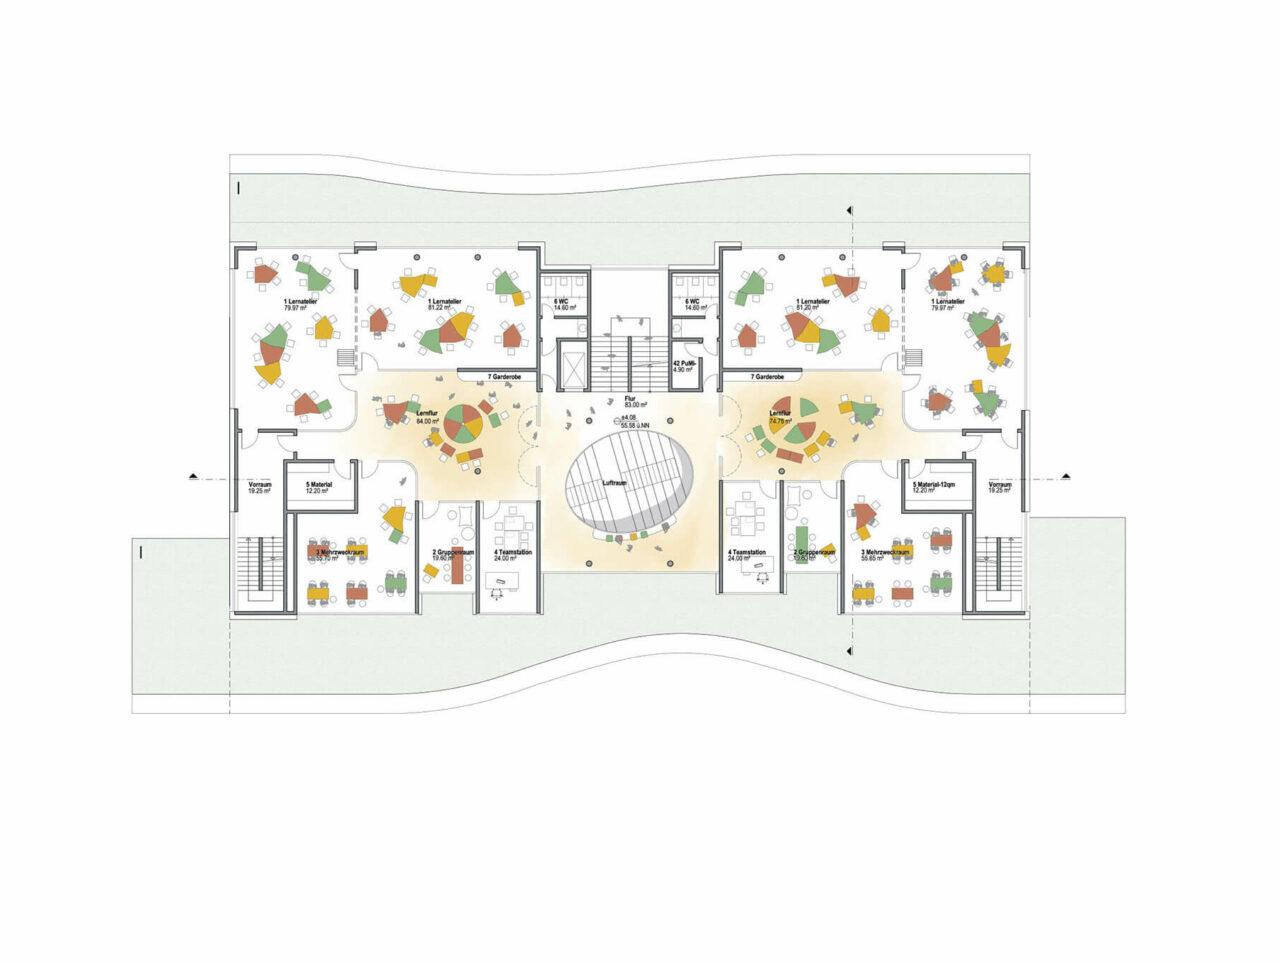 Neubau Tiegelschule Essen Grün lernen Aussenansicht Grundriss